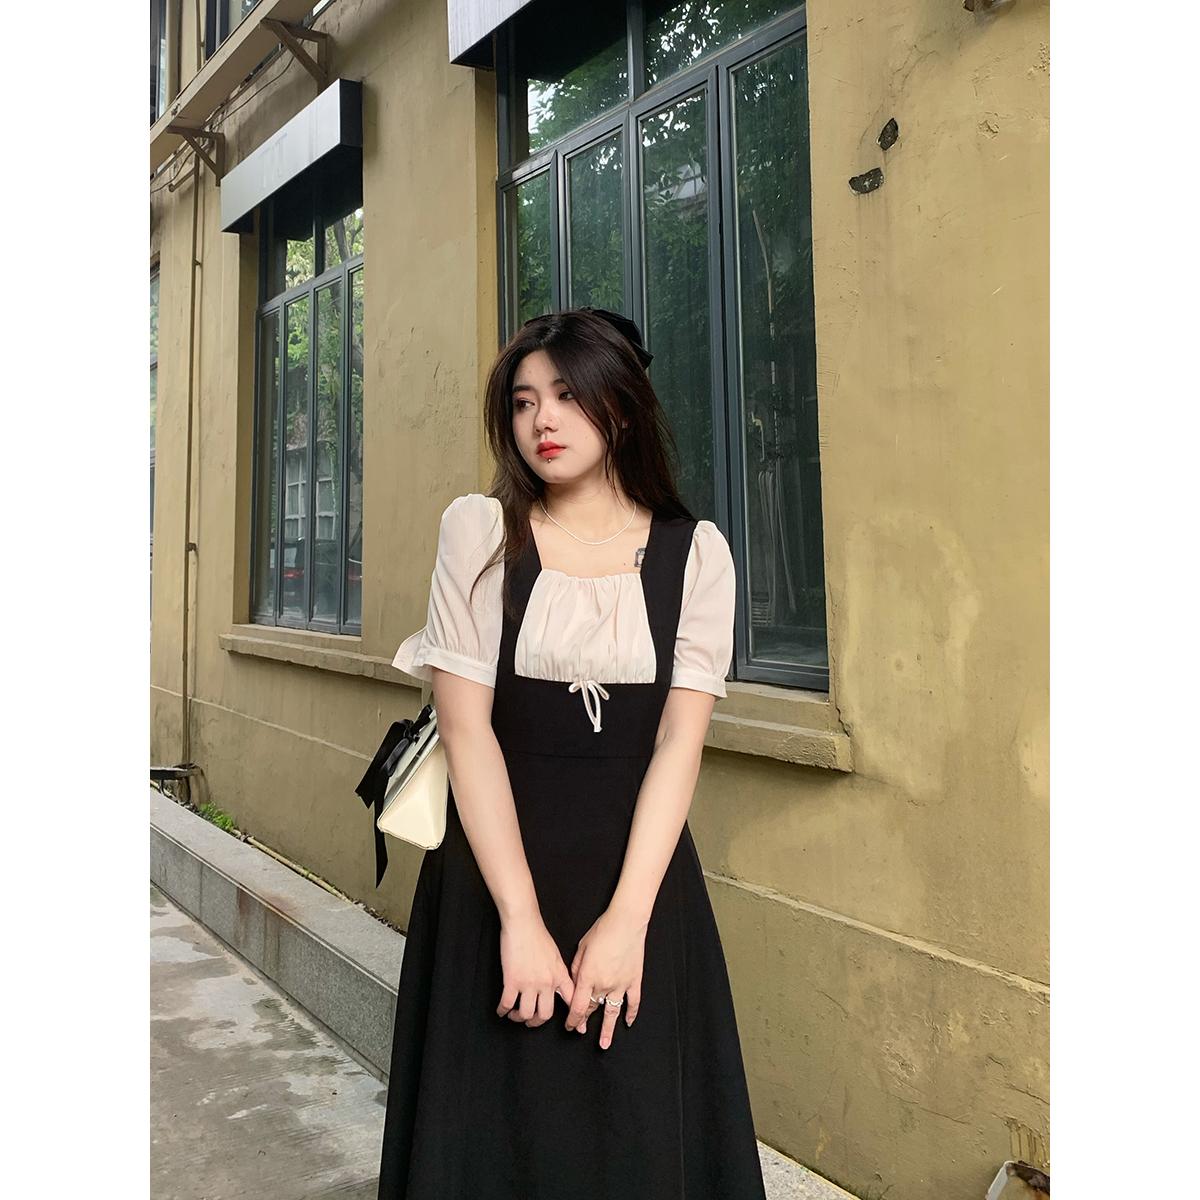 安妮不火法式连衣裙早春新款2021微胖显瘦气质长裙修身温柔小黑裙